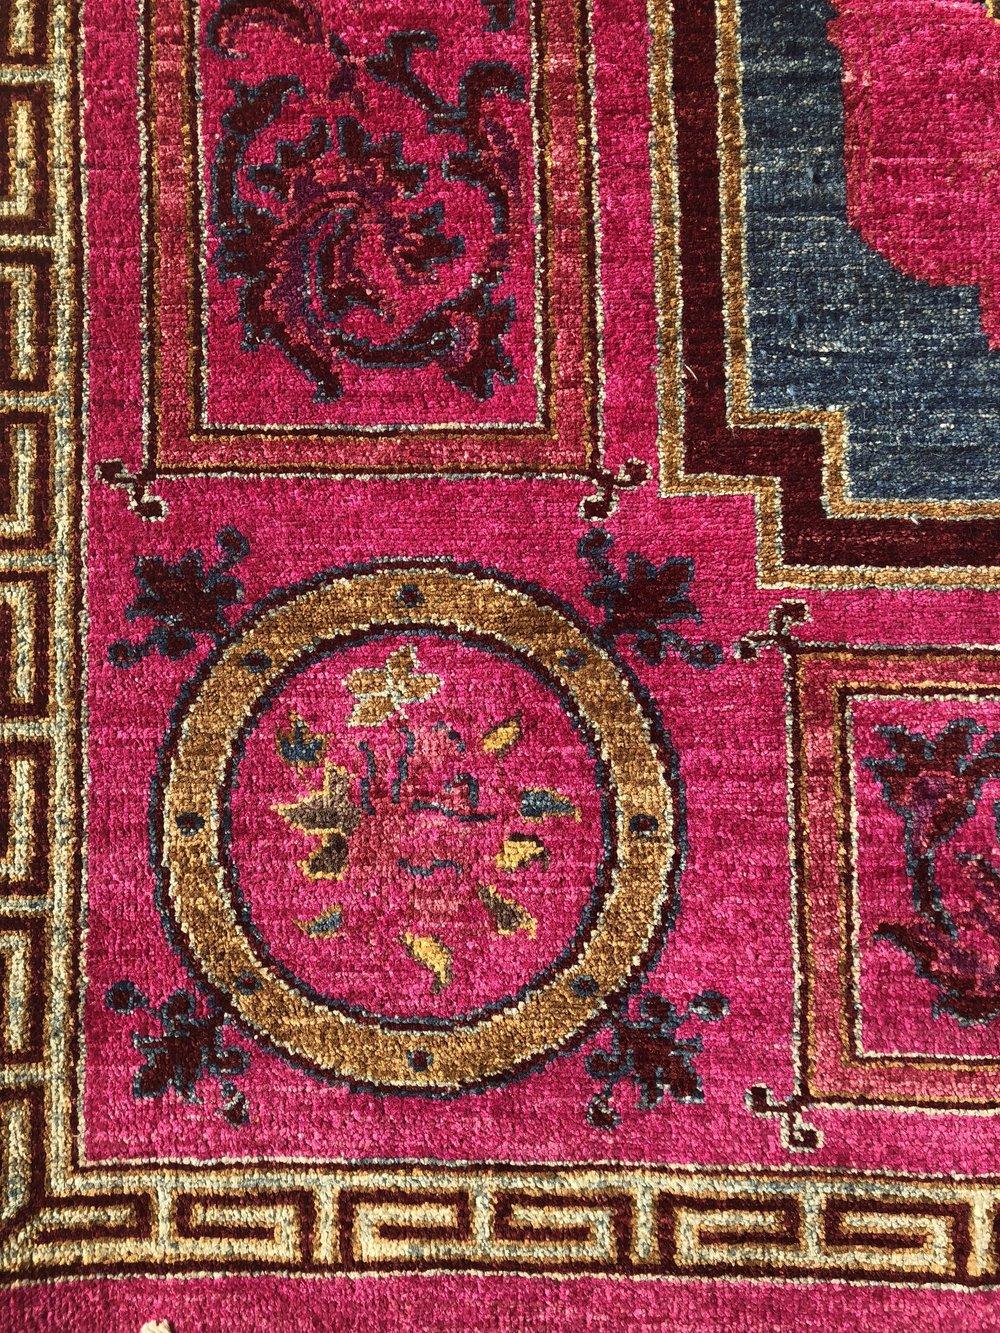 Pink Persian Rug Westside Market 2